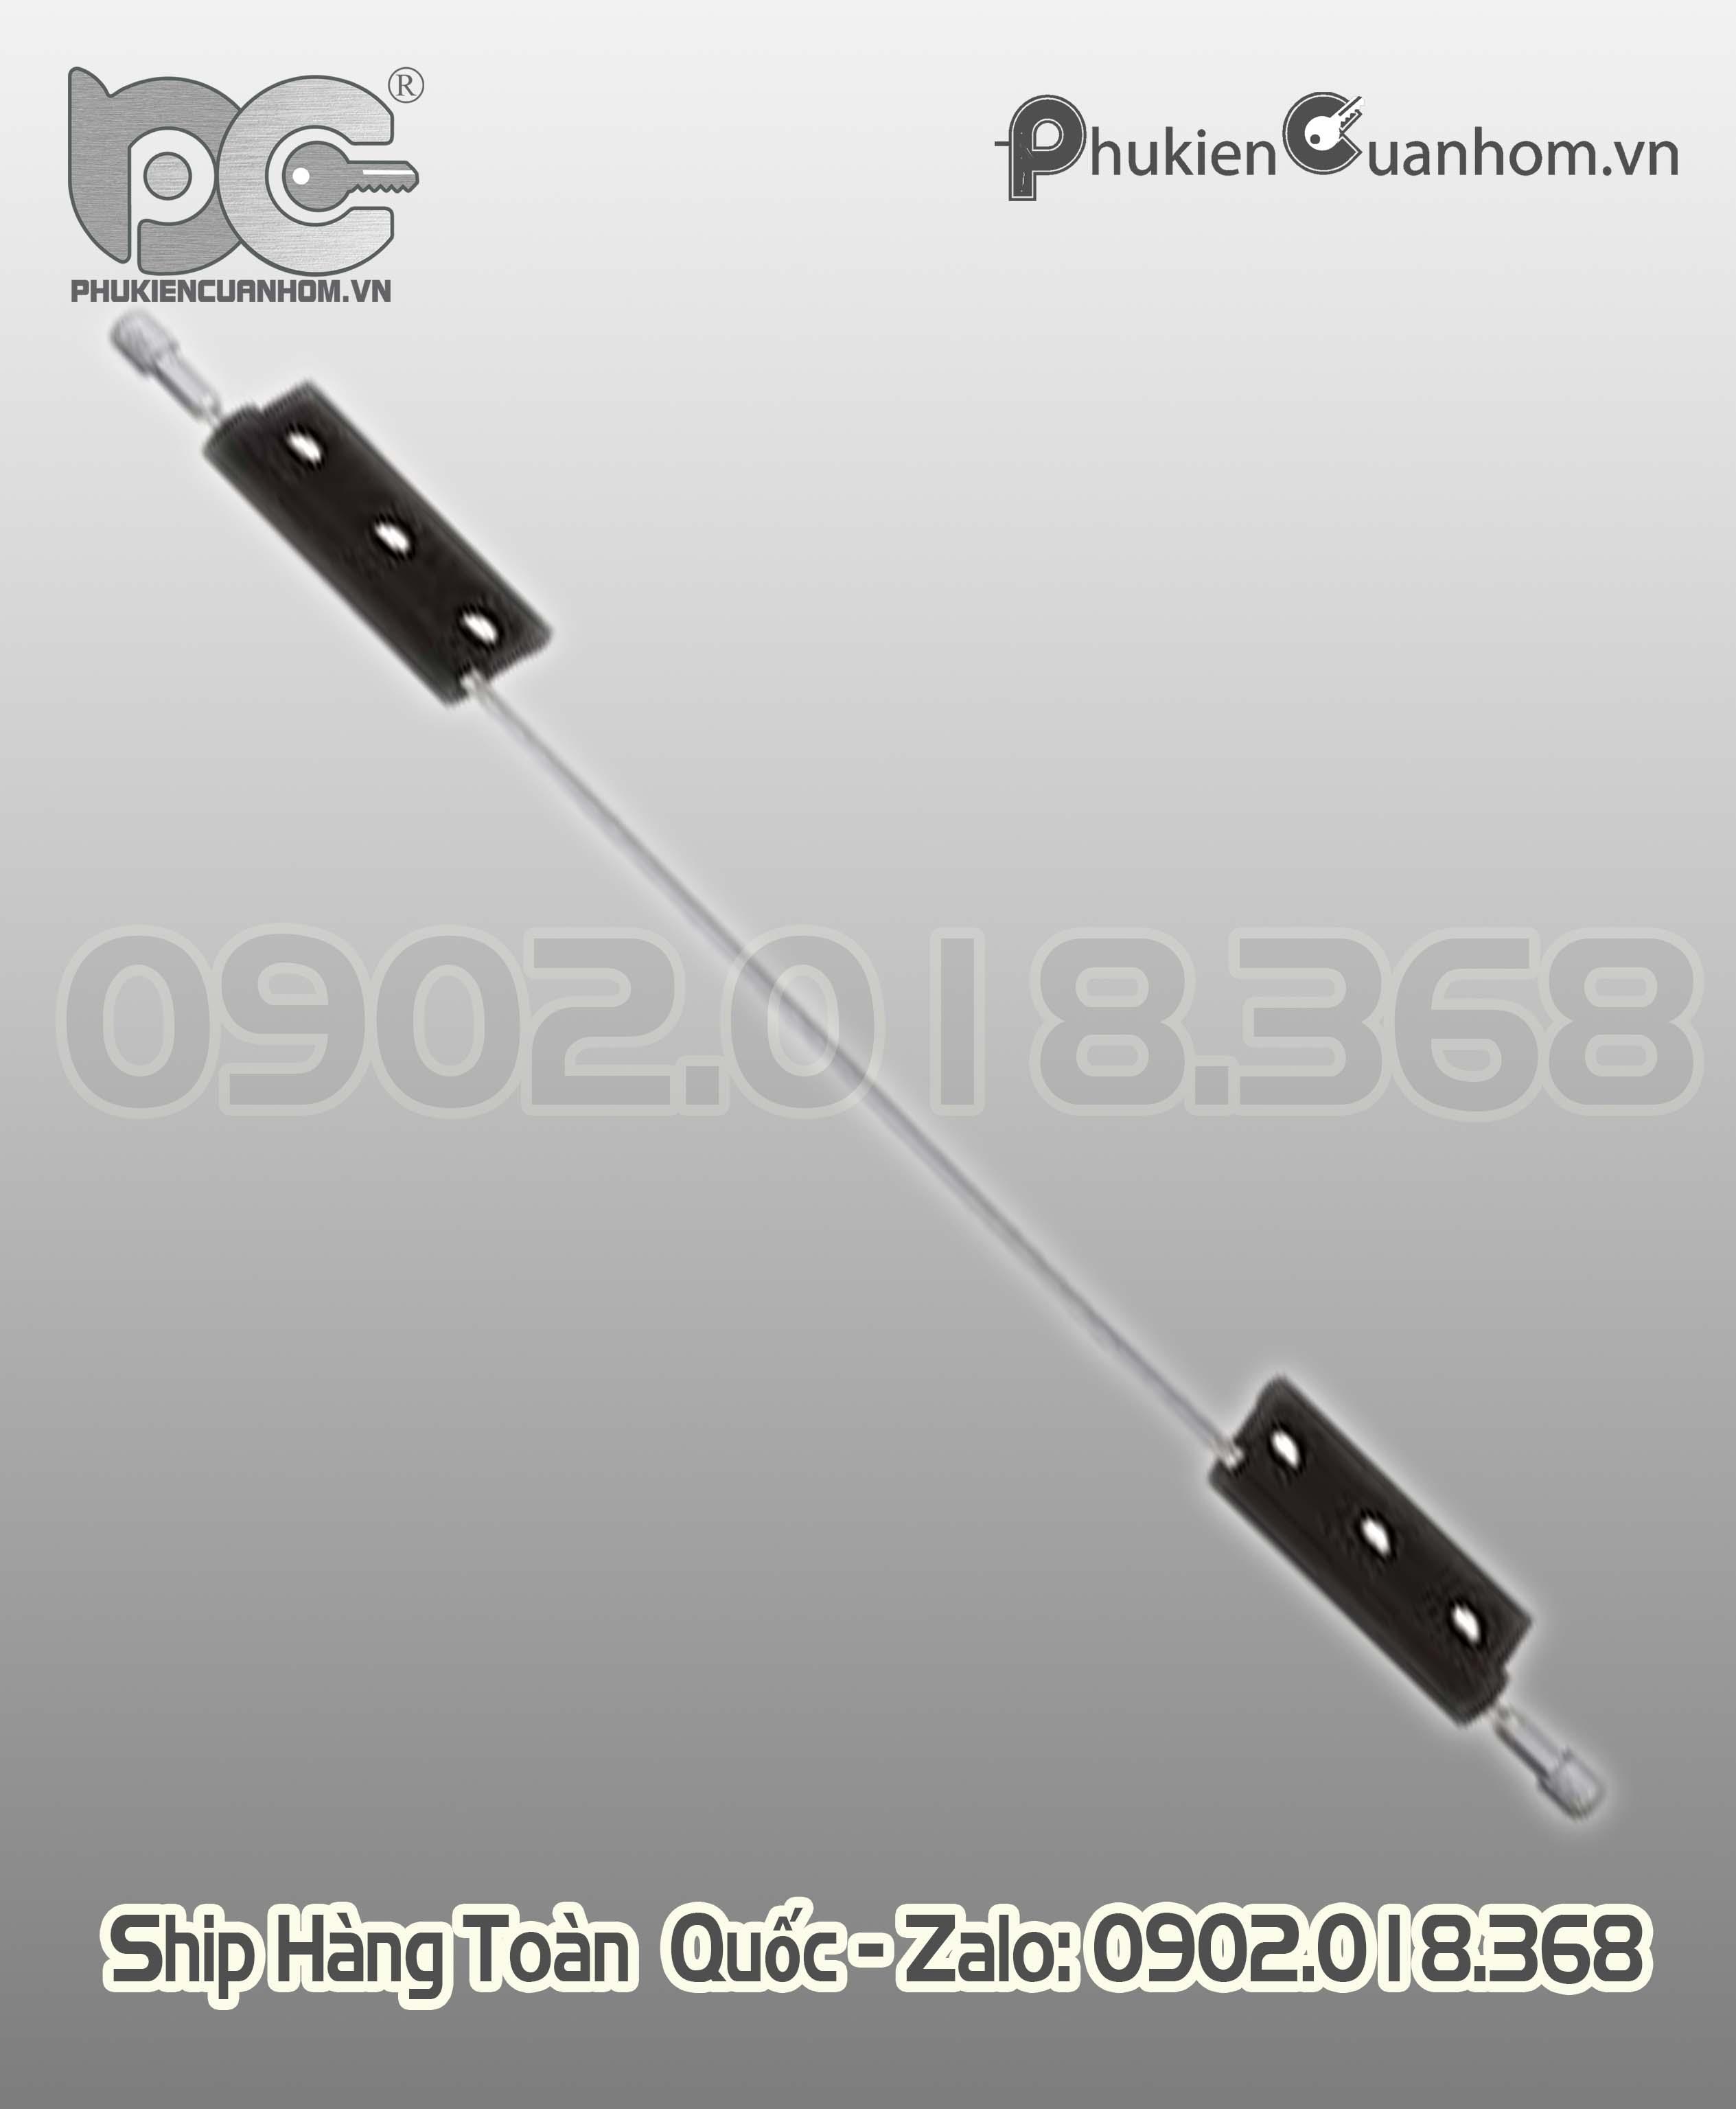 Cáp an toàn chống rơi cánh cửa hiệu KinLong - FTQ25